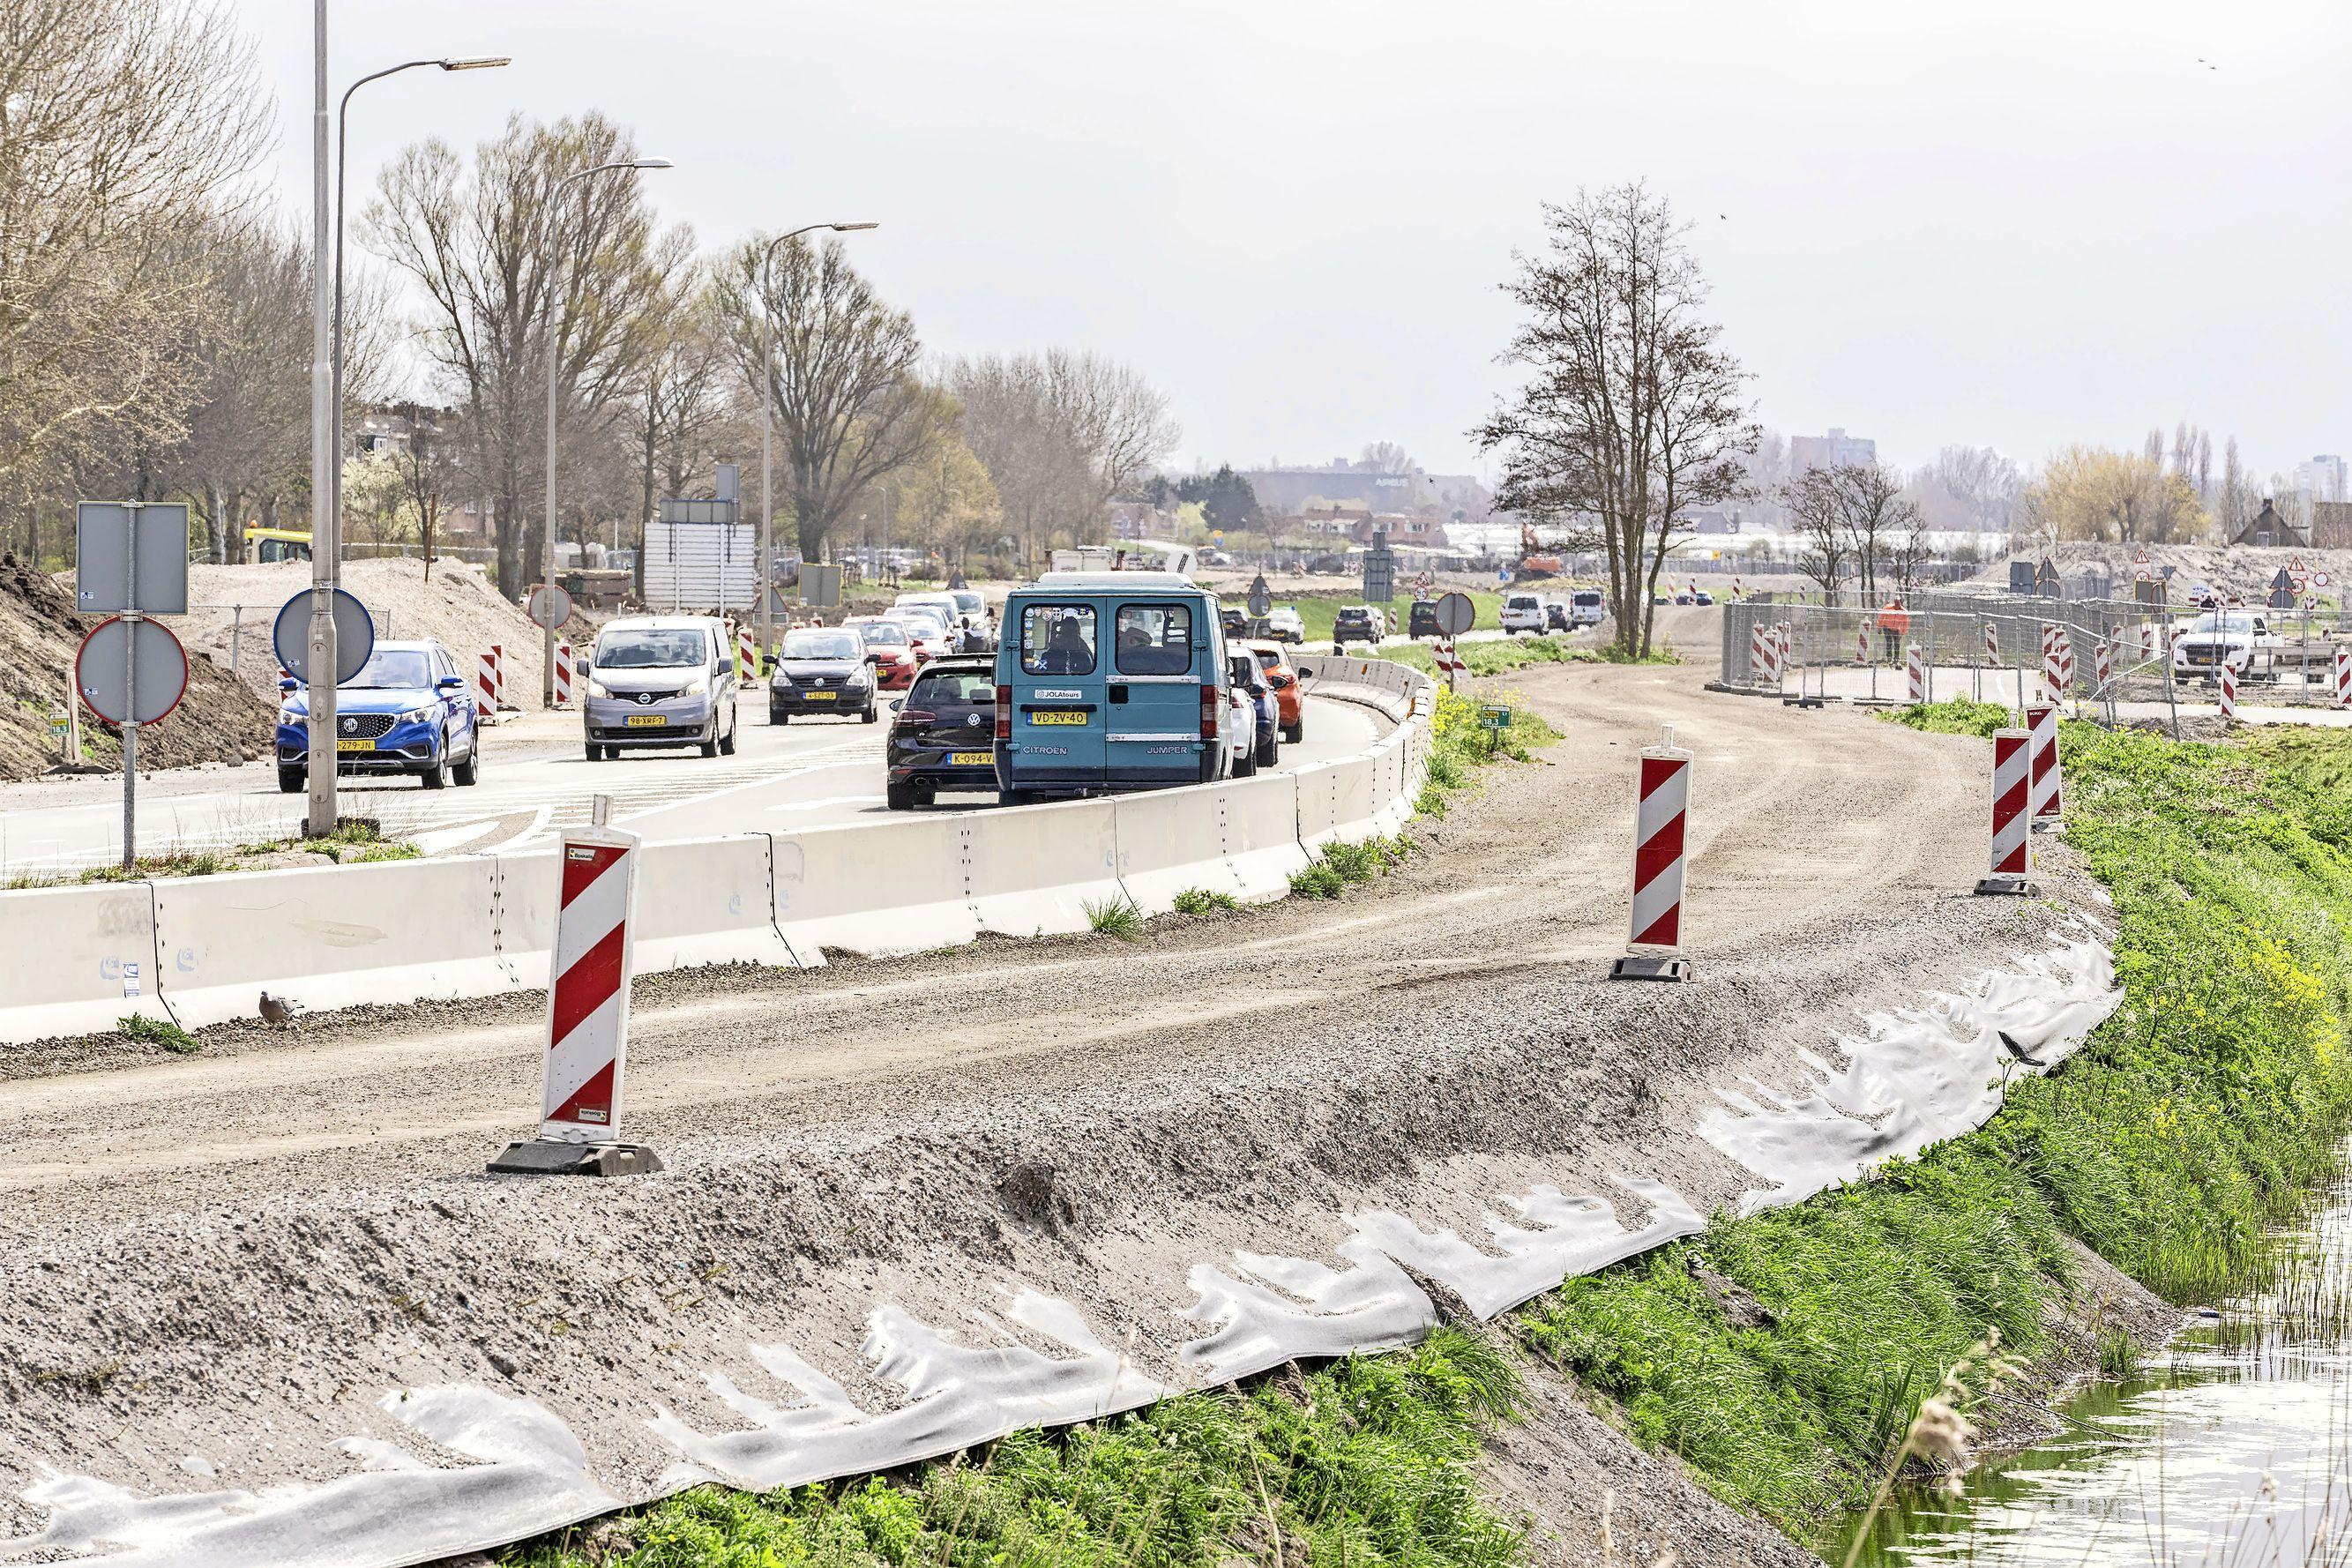 Katwijk vraagt in Tweede Kamer aandacht voor situatie bij Valkenburg: 'Batterijen horen niet thuis in bouwstoffen voor wegenbouw'